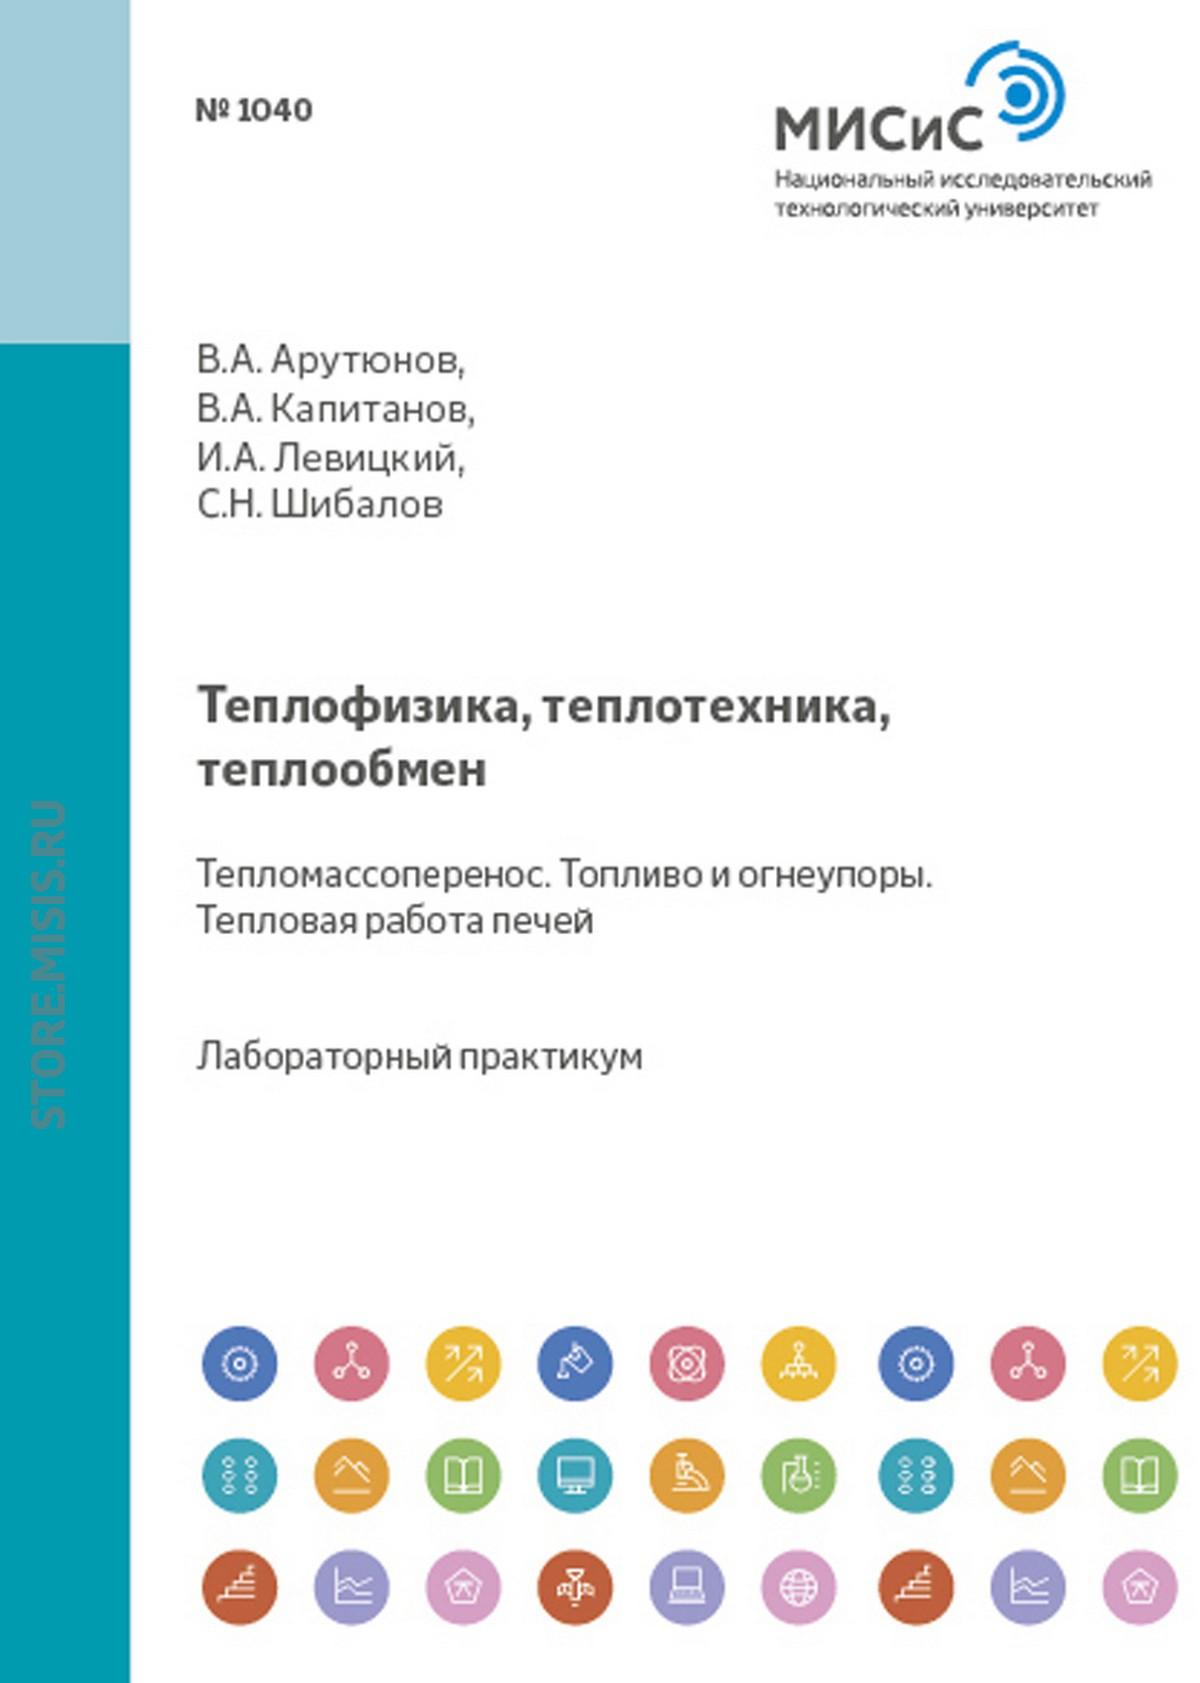 Владимир Арутюнов Теплофизика, теплотехника, теплообмен. Тепломассоперенос. Топливо и огнеупоры. Тепловая работа печей сергей крупенников теплофизика и теплотехника теплофизика